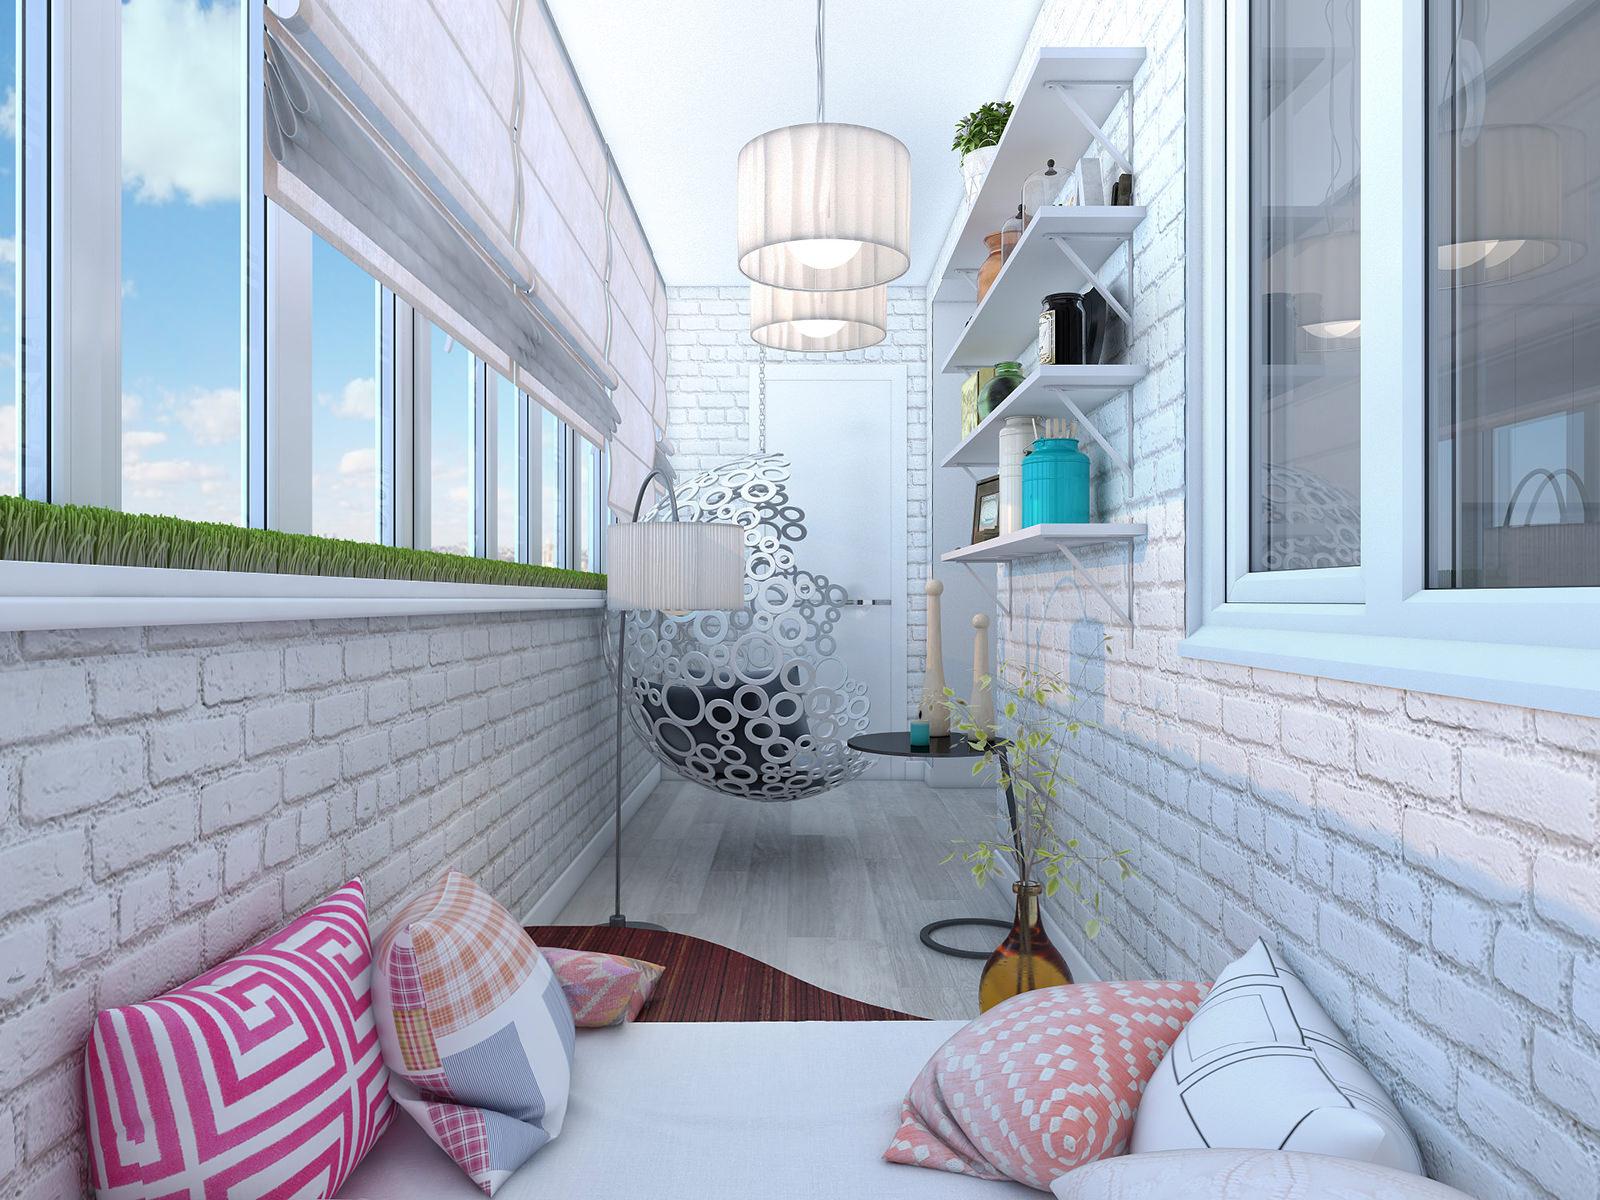 Дизайн балкона лоджии в стиле прованс стиль интерьере inside.